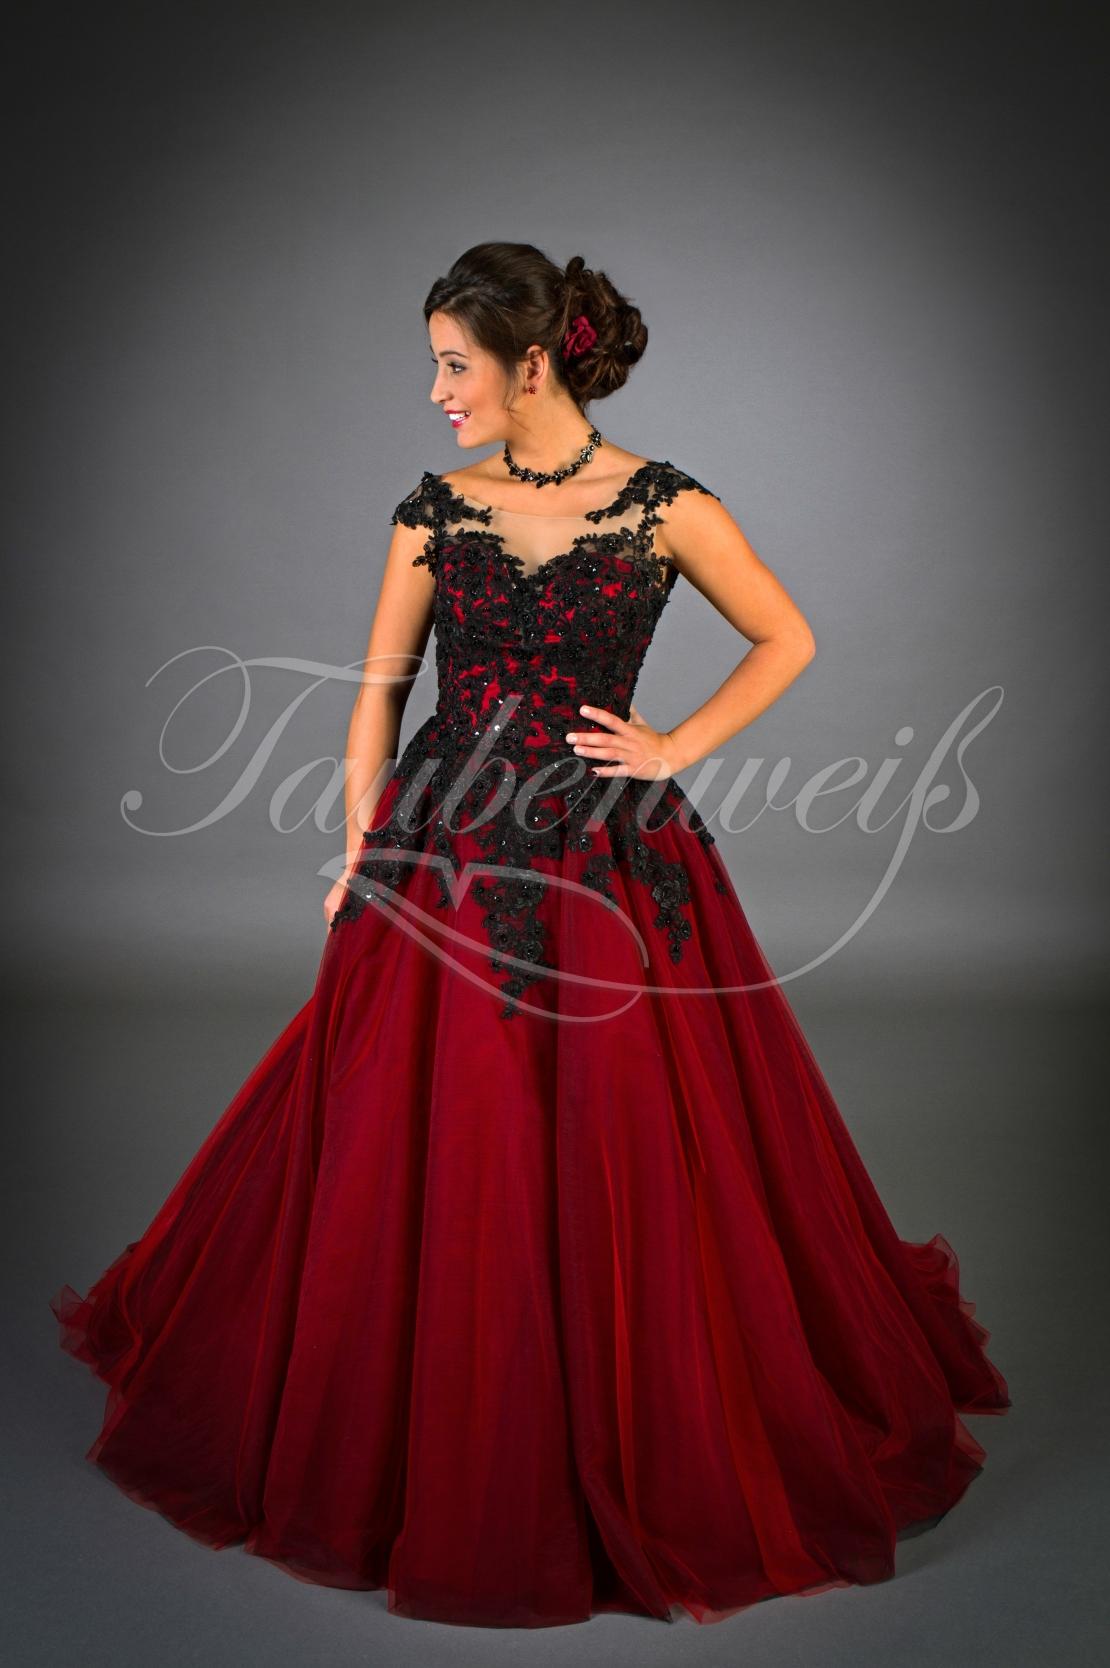 Brautkleid TW12B - A-Linie rot schwarz Tüll Spitze Perlen Schleppe  temperamentvoll